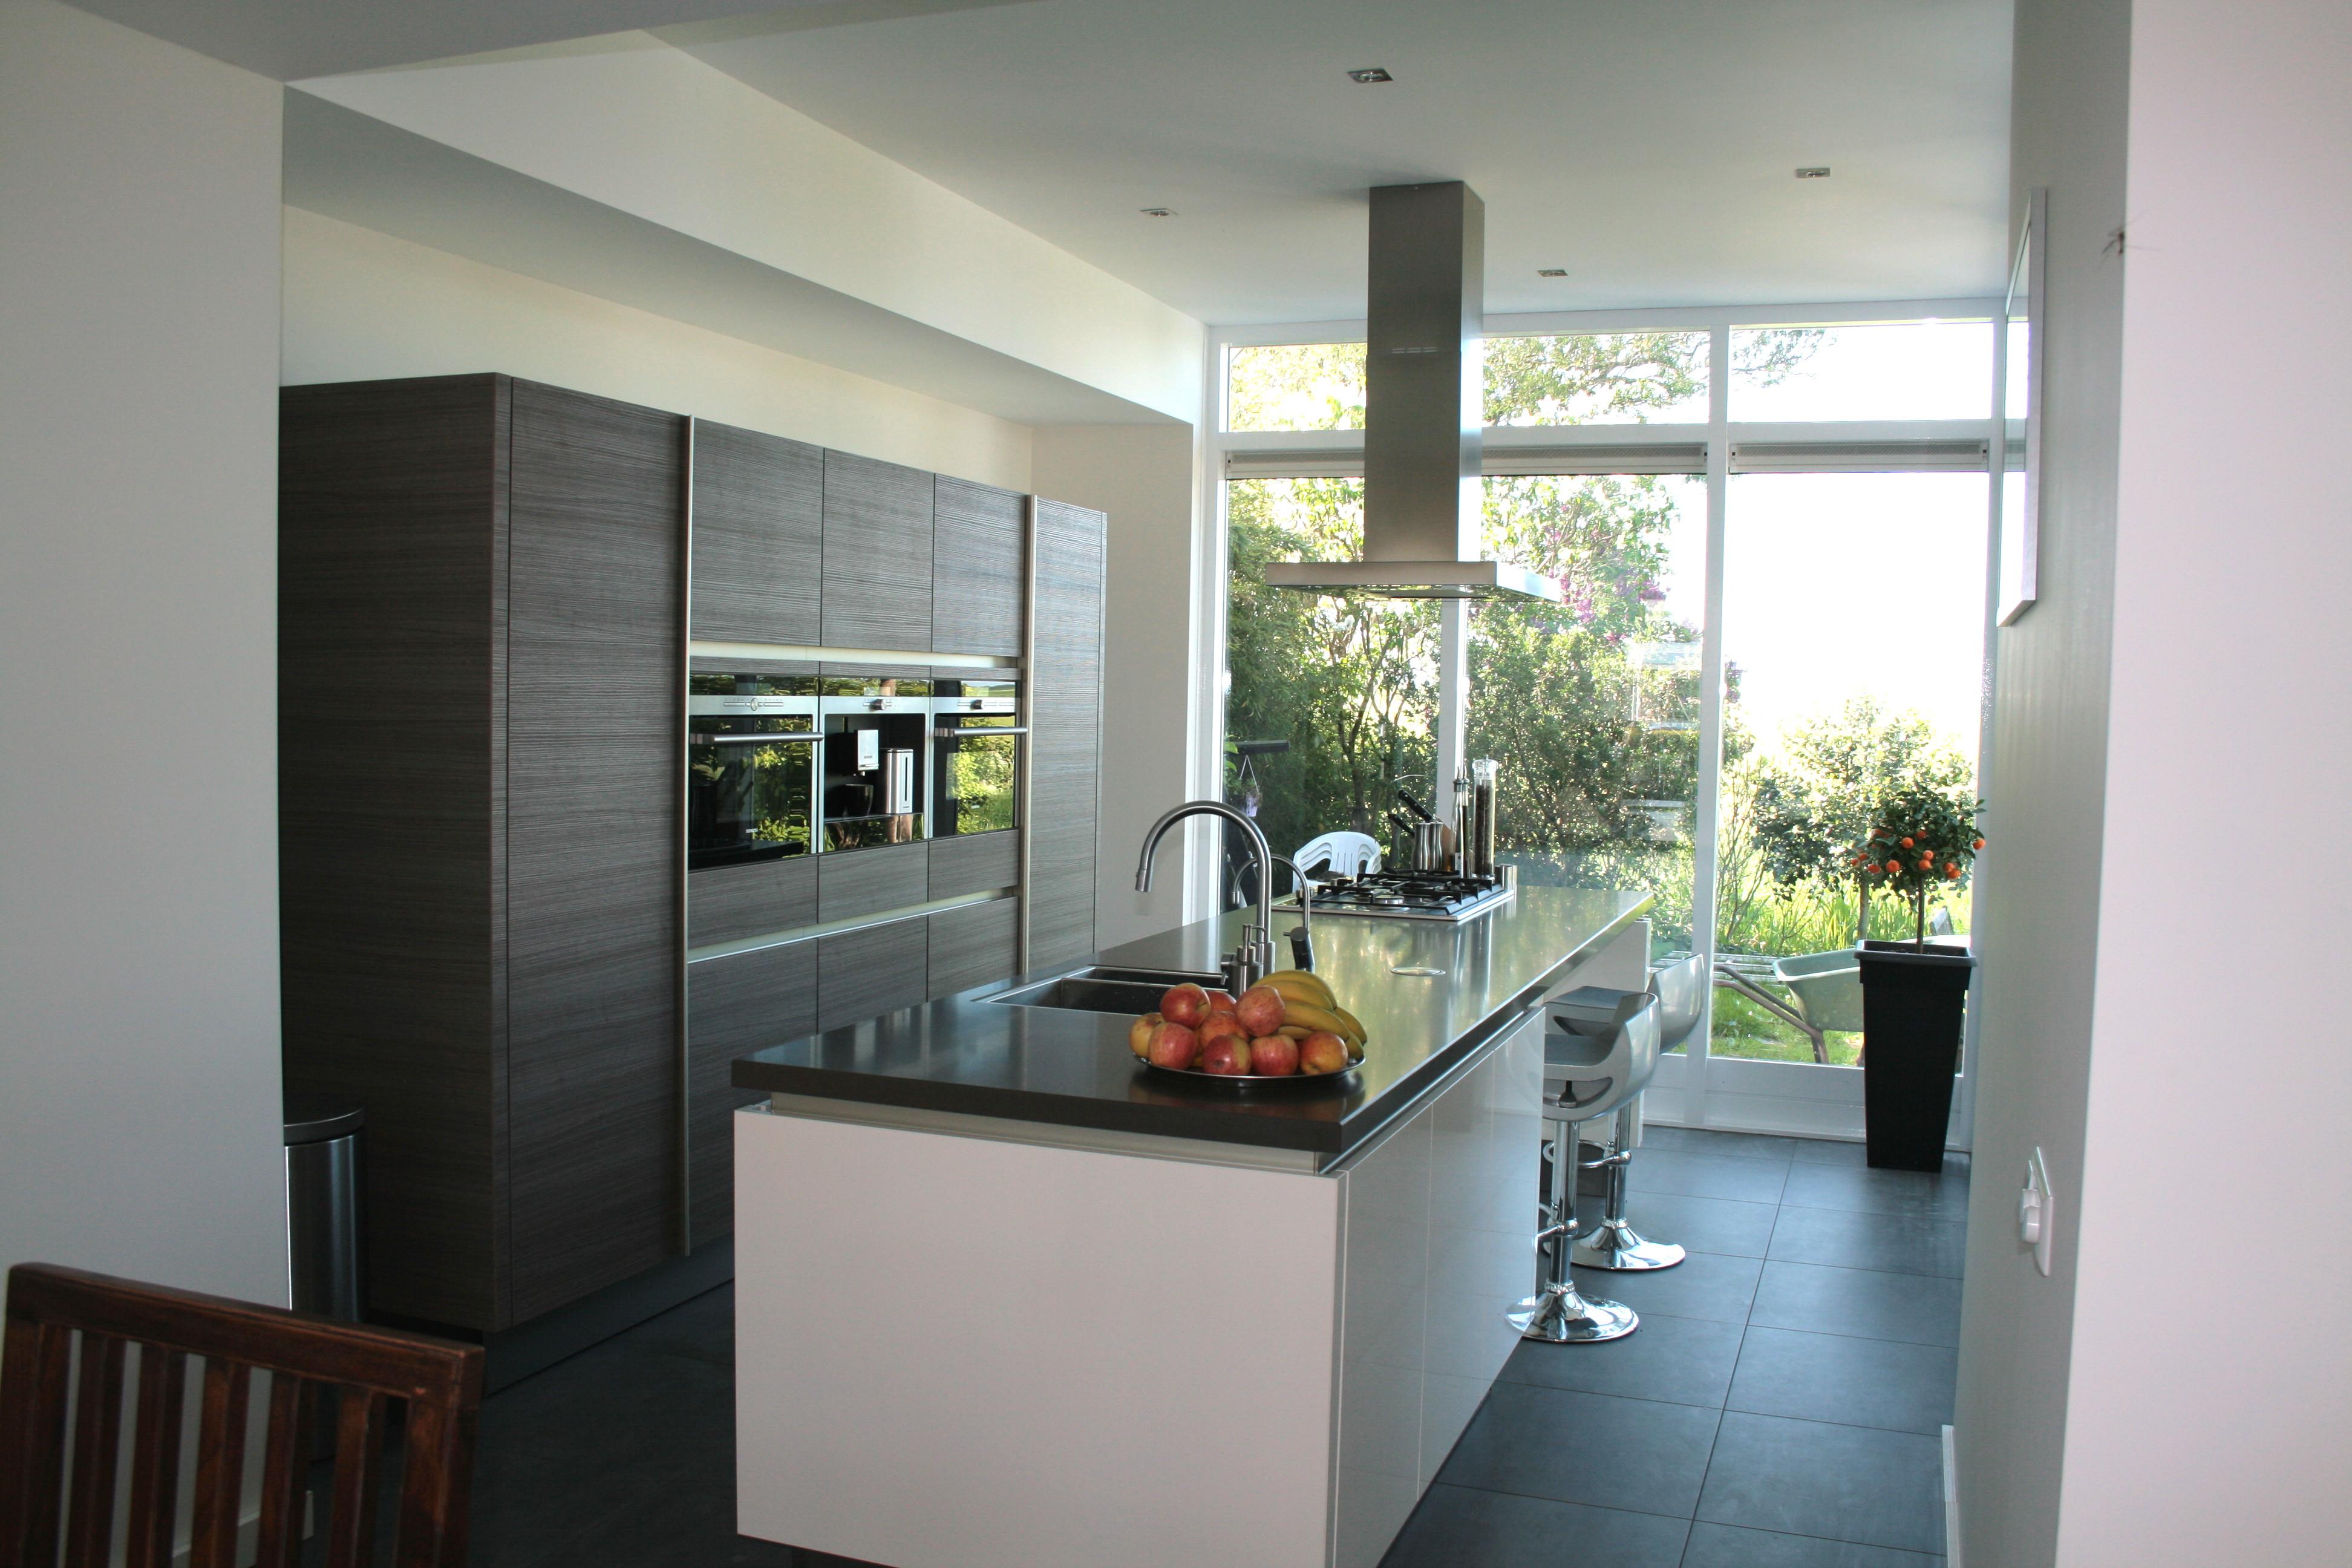 Open Keuken Of Niet : Ingrid, eigenaar Interieuradviesbureau Huis & Interieur – Inspiratie